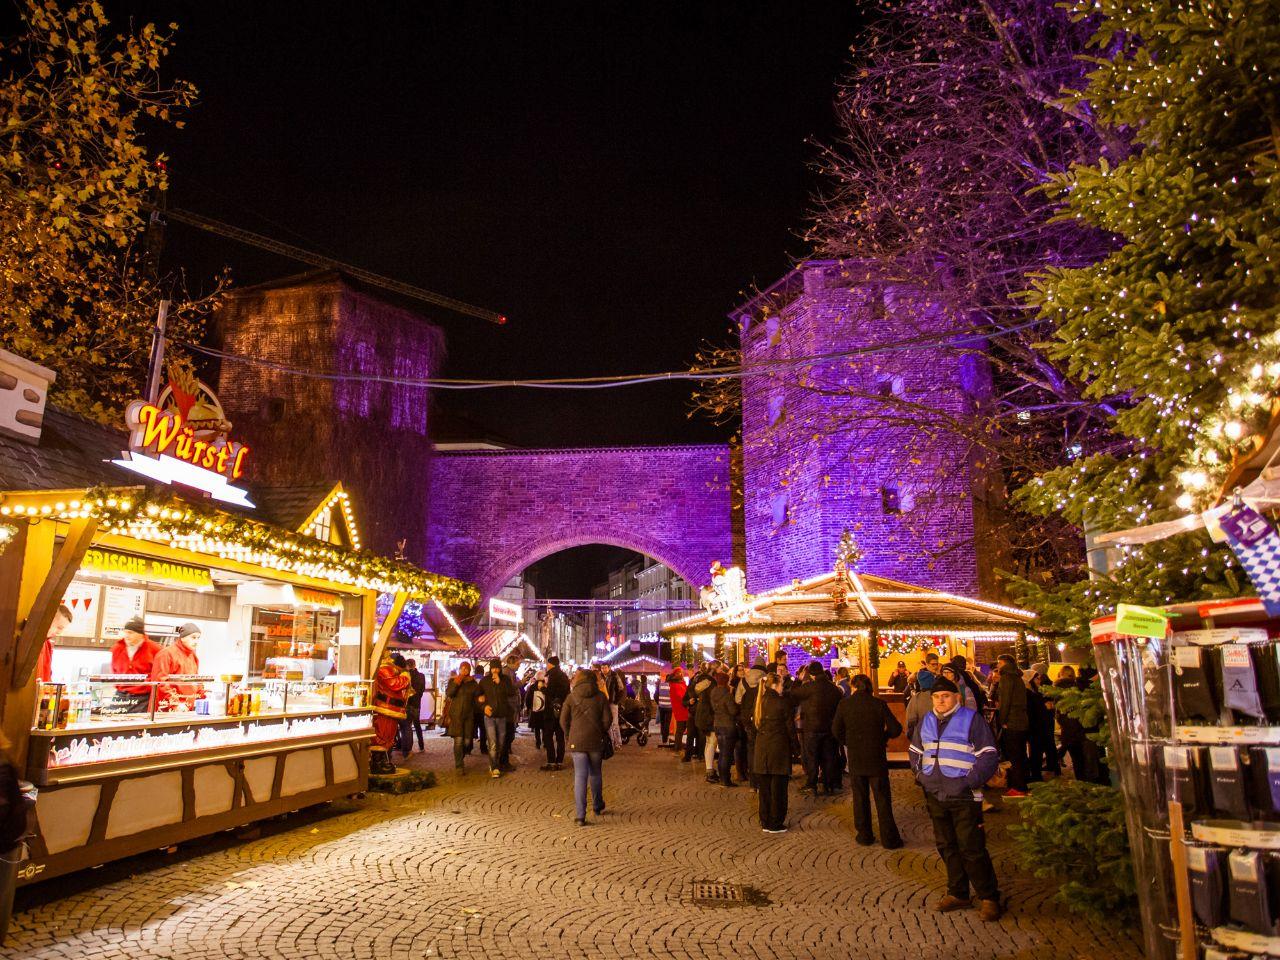 Wann Ist Der Weihnachtsmarkt.Weihnachtsmarkt Am Sendlinger Tor Christkindlmarkt München Im